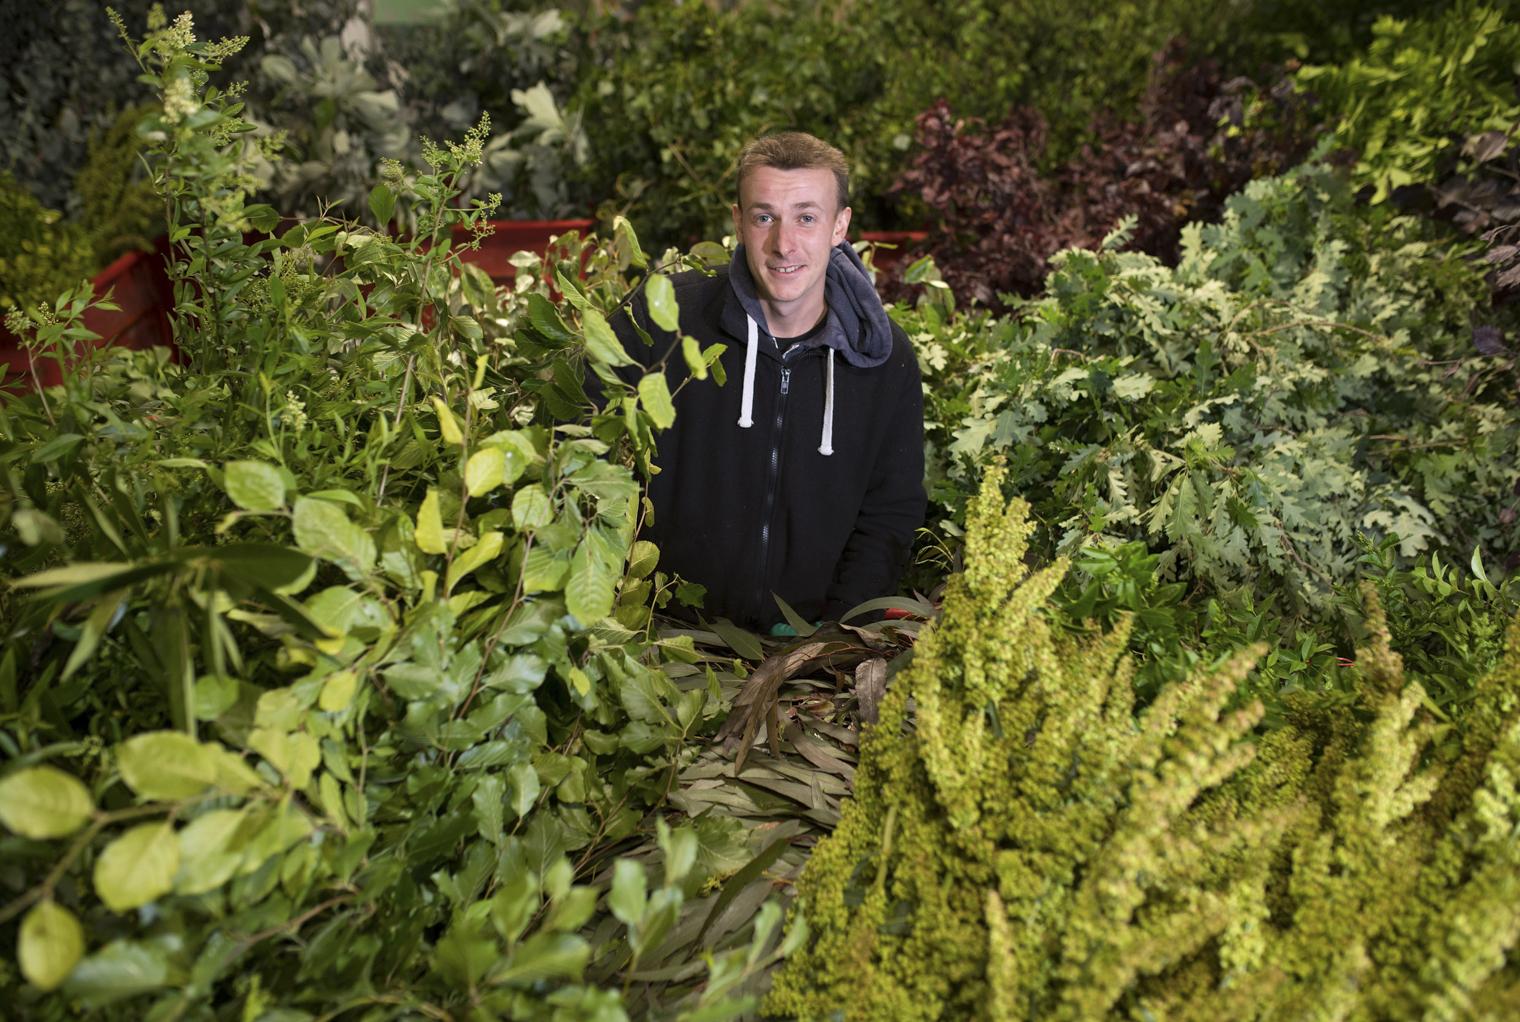 Zak at GB Foliage